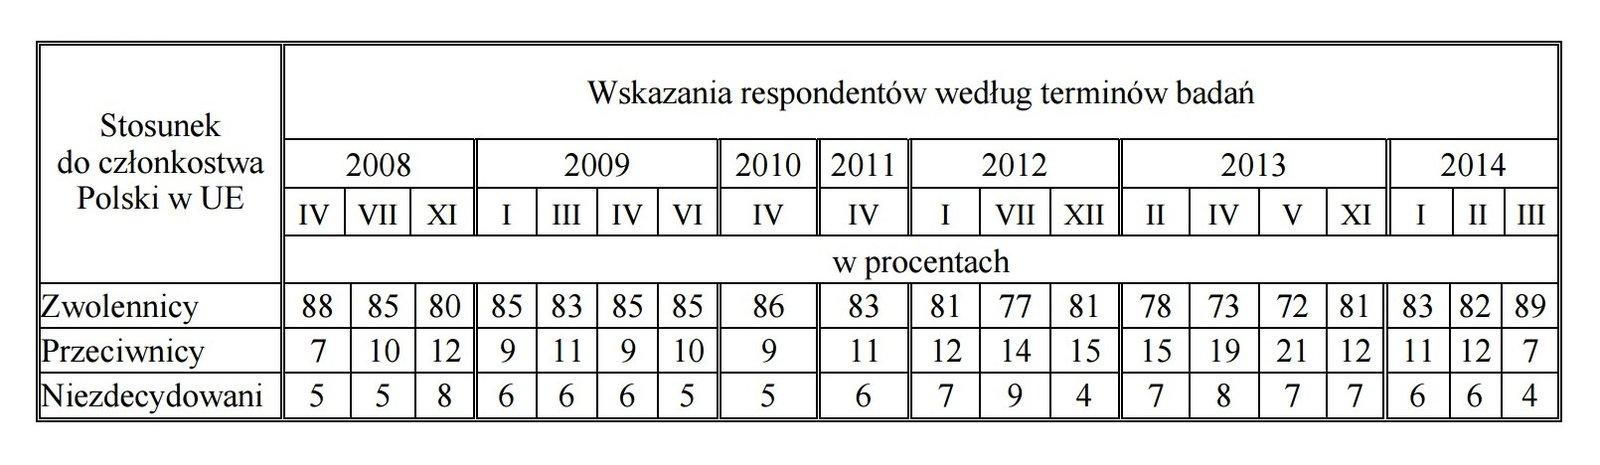 Tabela zdanymi ankiety - stosunek do członkostwa Polski wUE